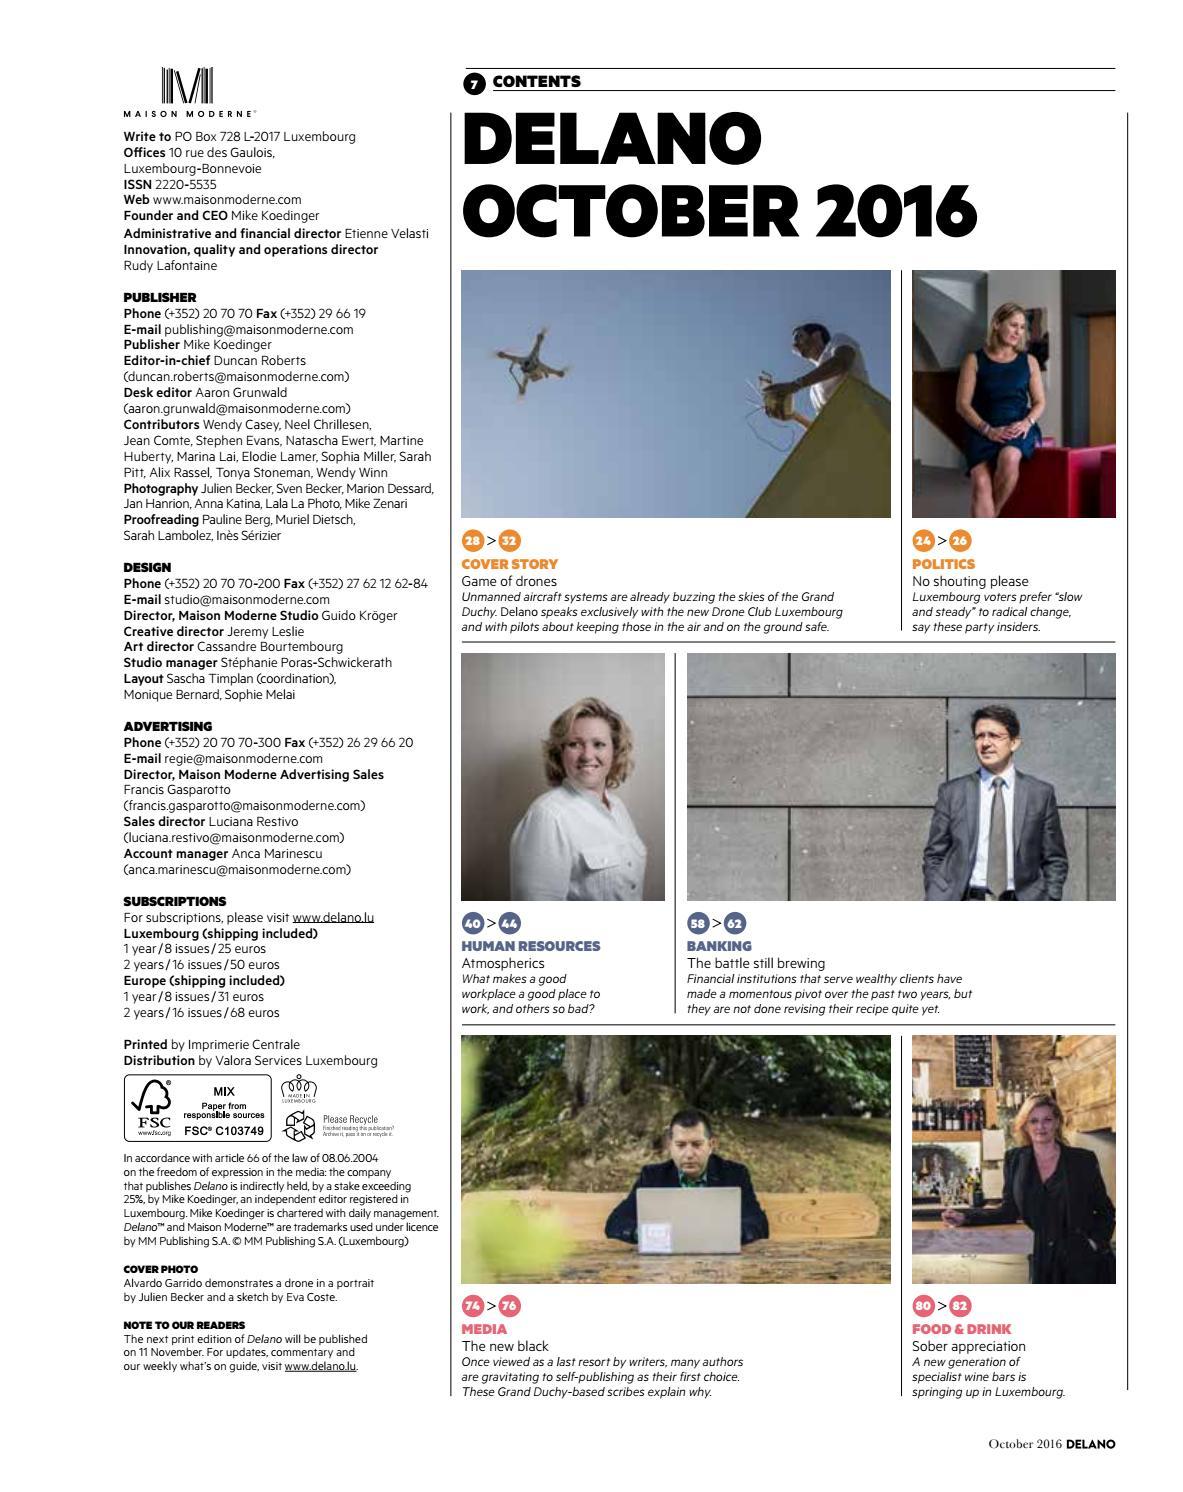 Delano october 2016 by maison moderne issuu for Maison moderne koedinger